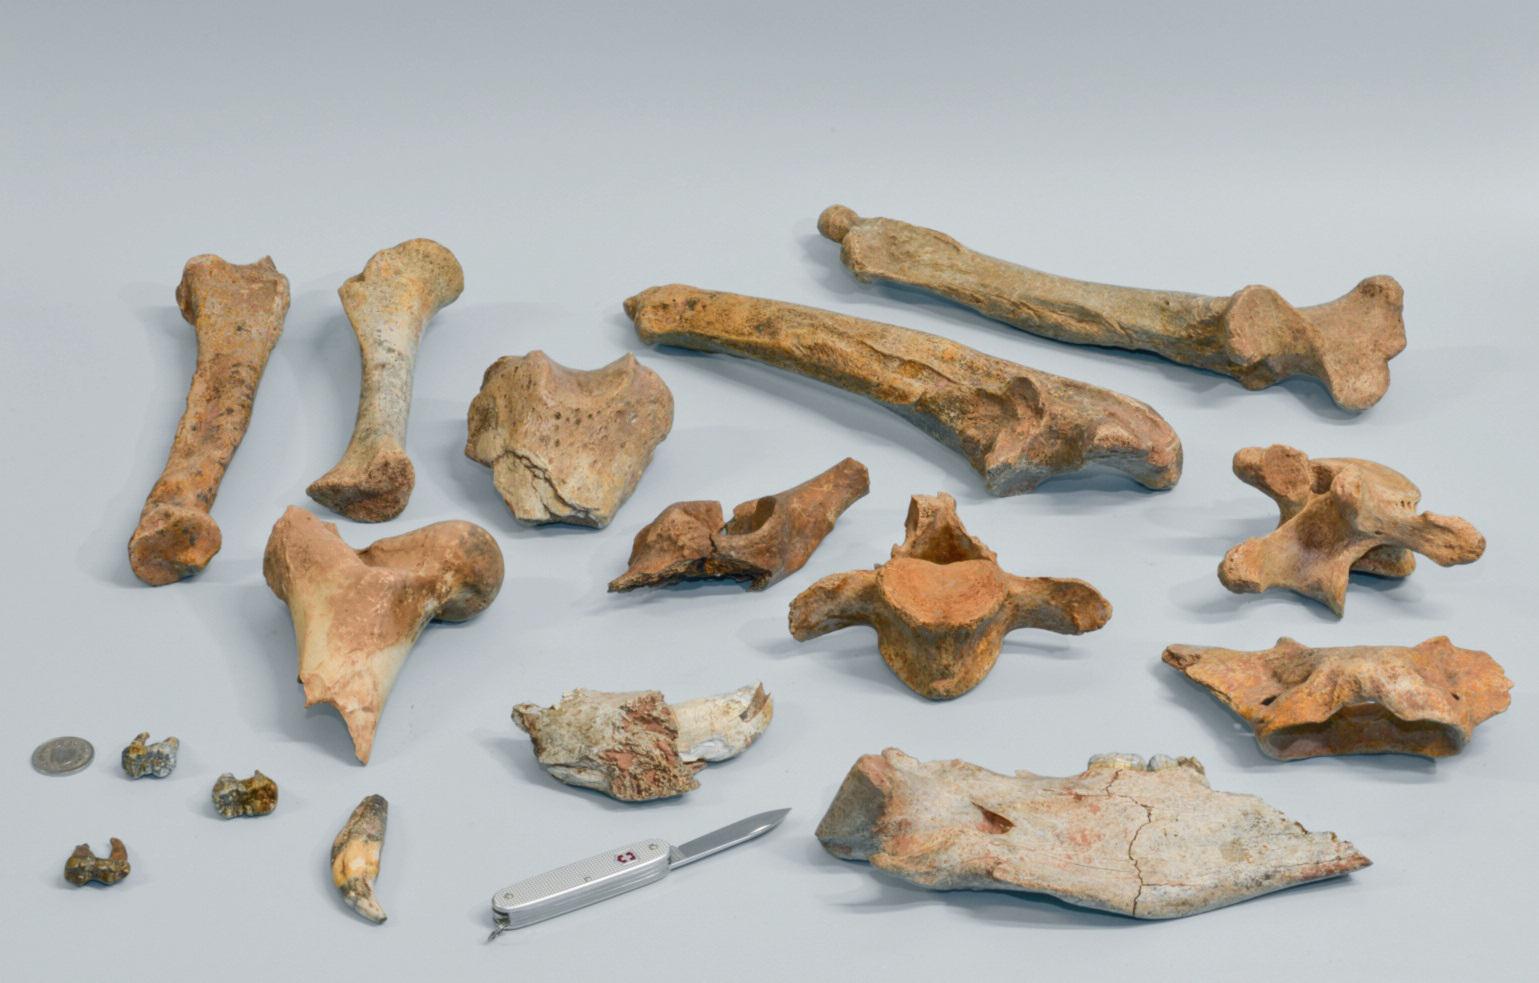 Höhlenbärenkochen aus der Steigelfeldbalm-Höhle bei Vitznau. Die Bären starben eines natürlichen Todes und waren wohl nicht gleichzeitig mit den Neandertalern dort. Bild: Kantonsarchäologie Luzern.